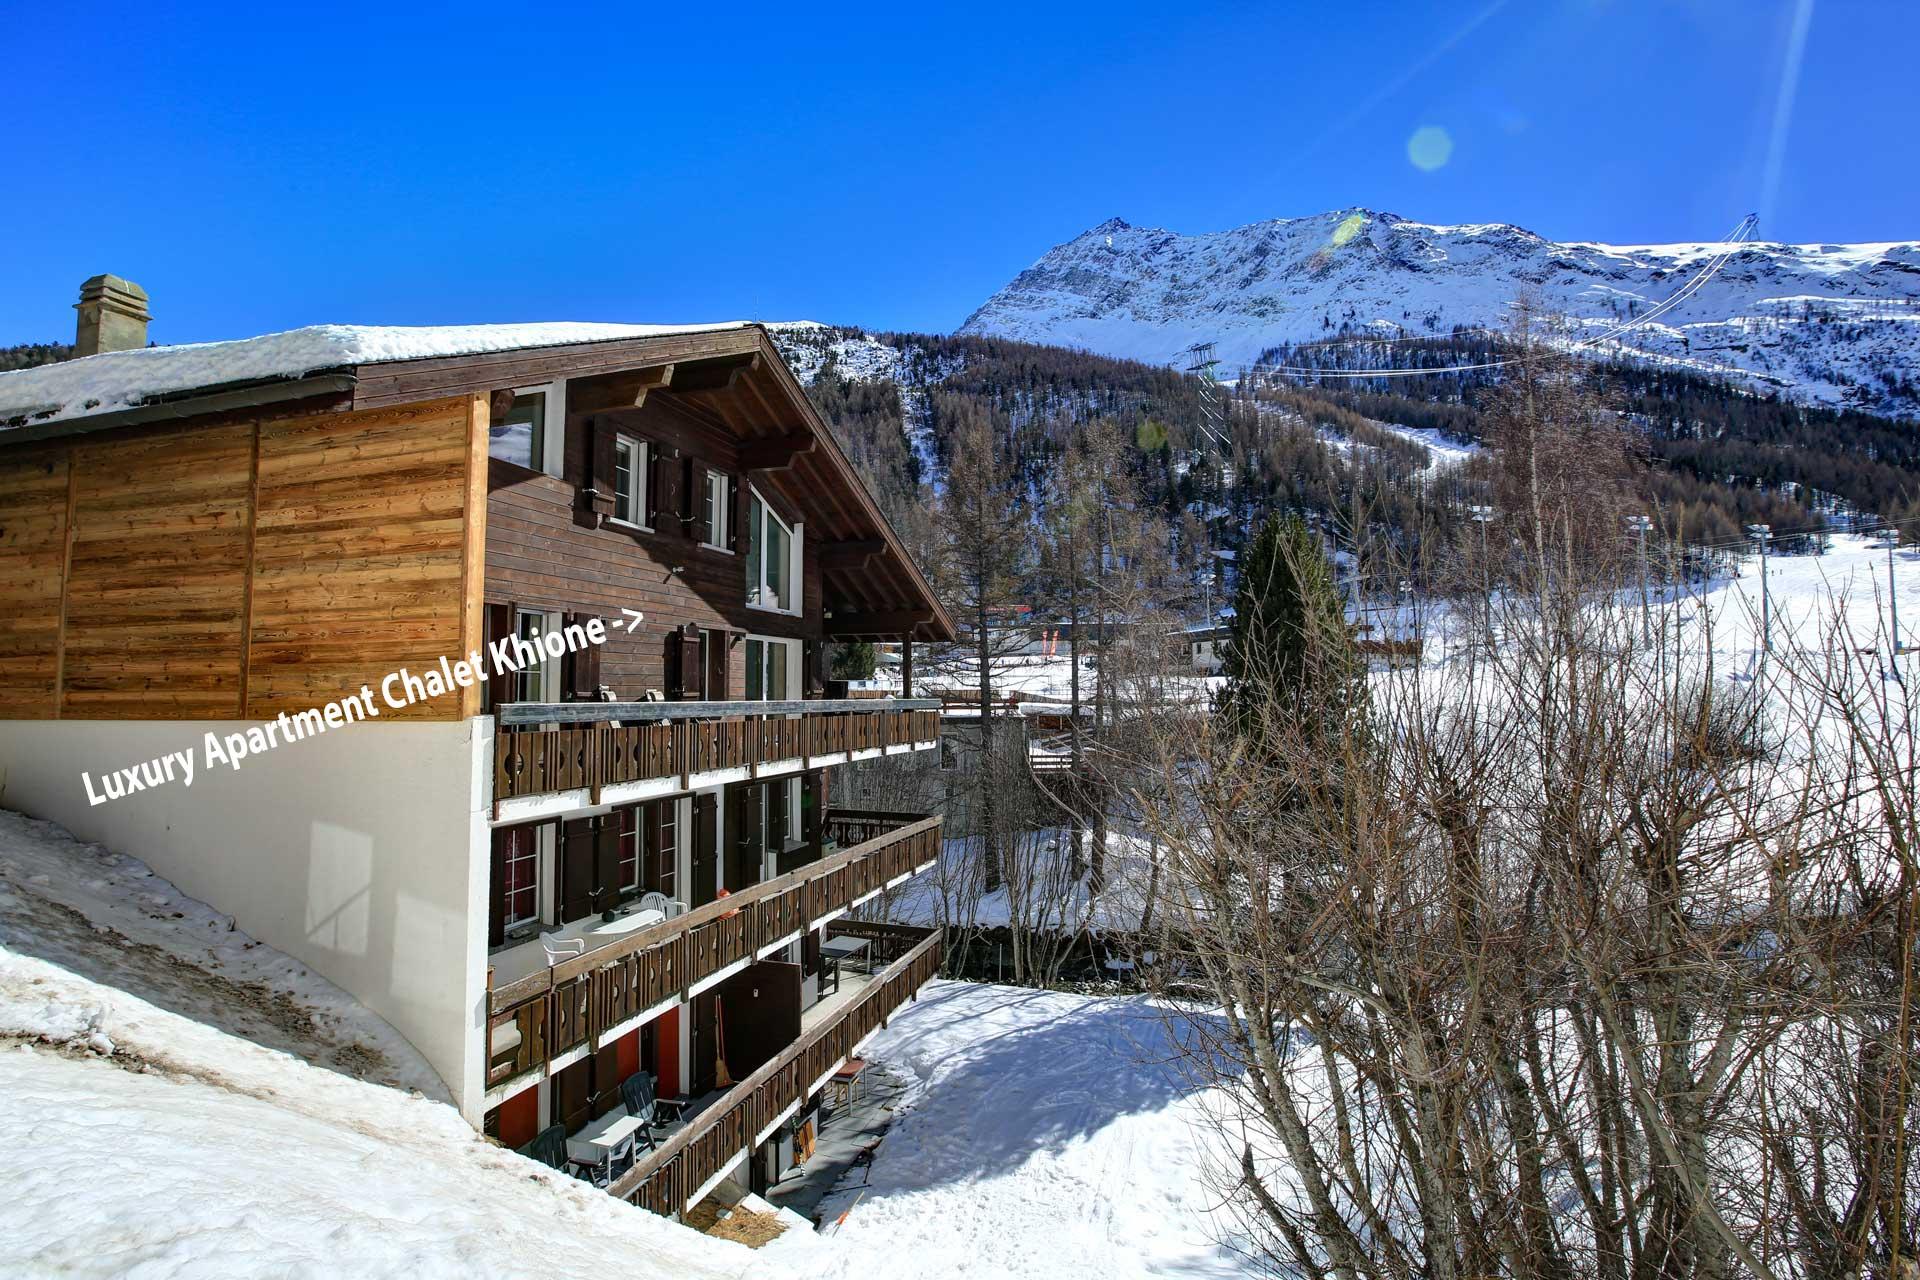 Luxus Appartement Chalet Khione Saas-Fee - Lage